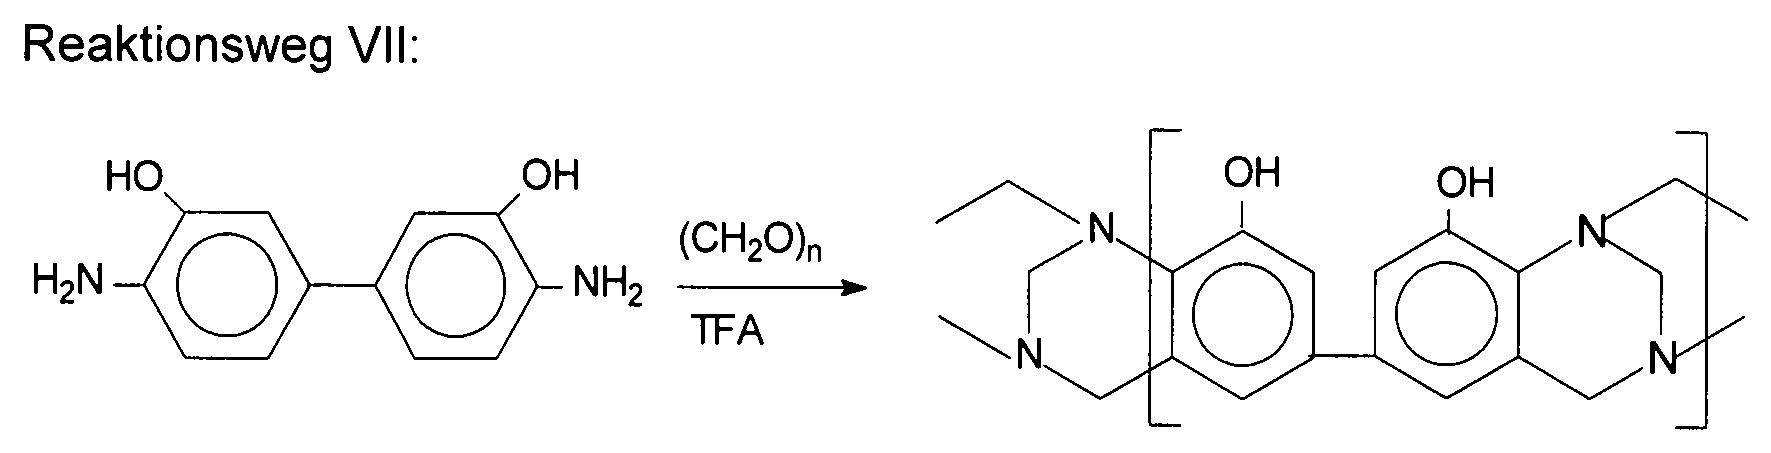 Figure DE112016005378T5_0021